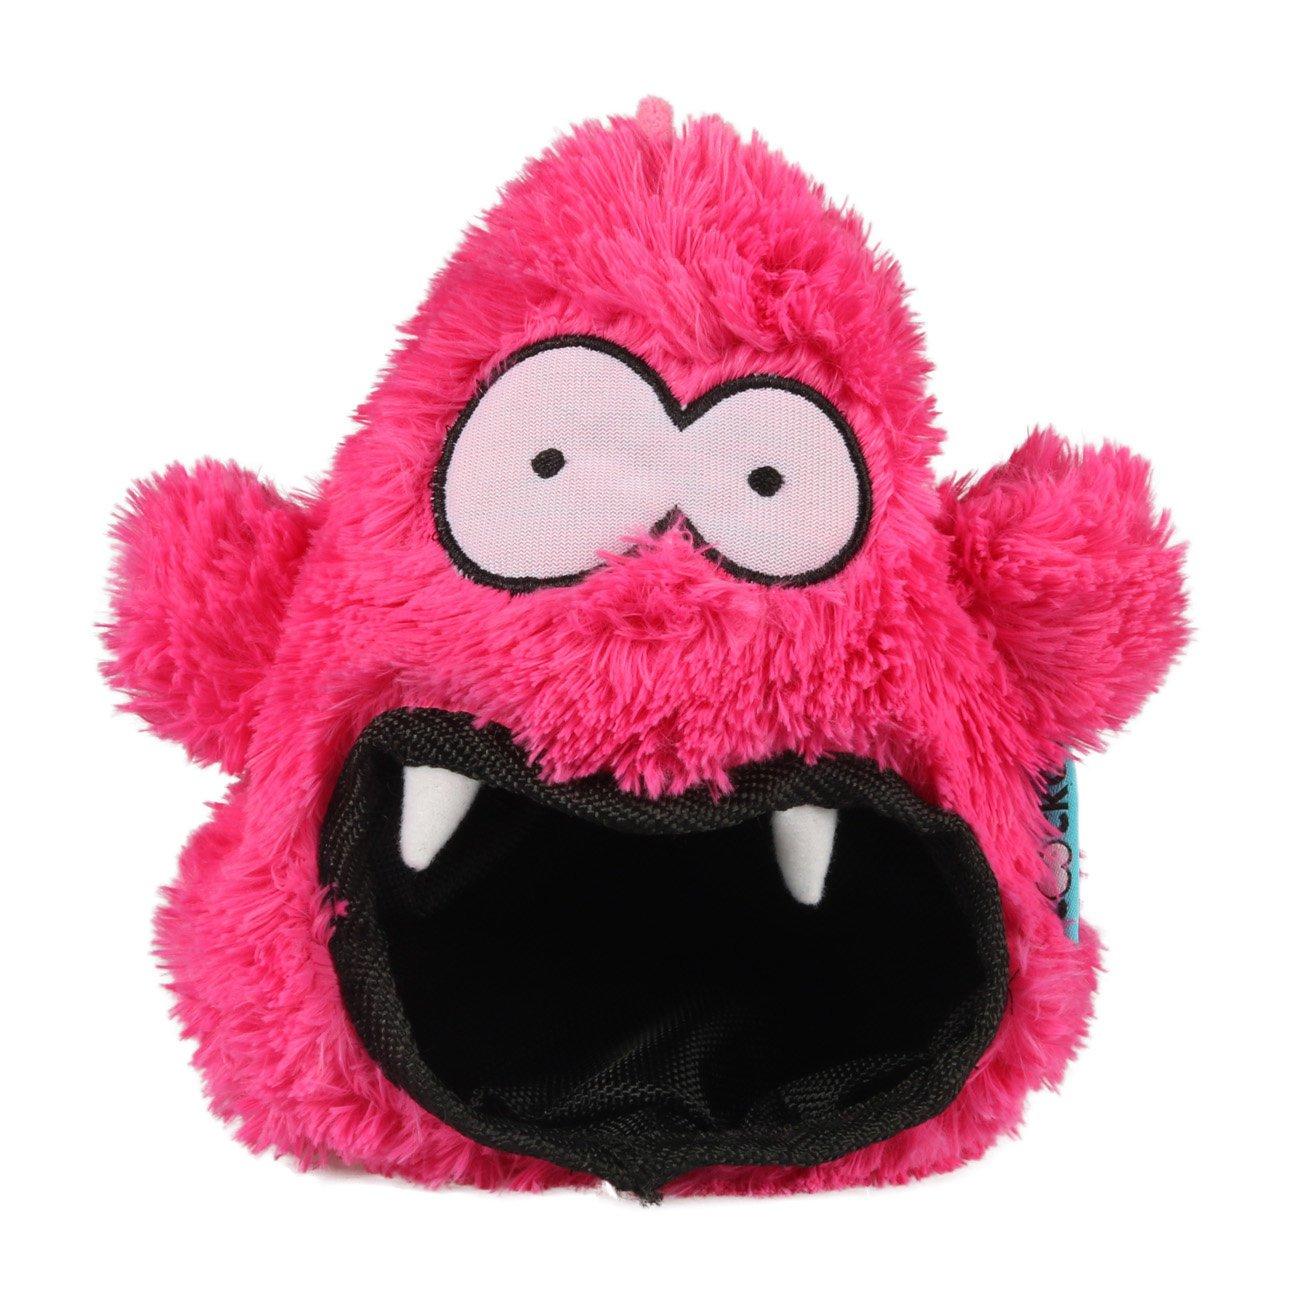 Coockoo Plüsch Monster Hundespielzeug